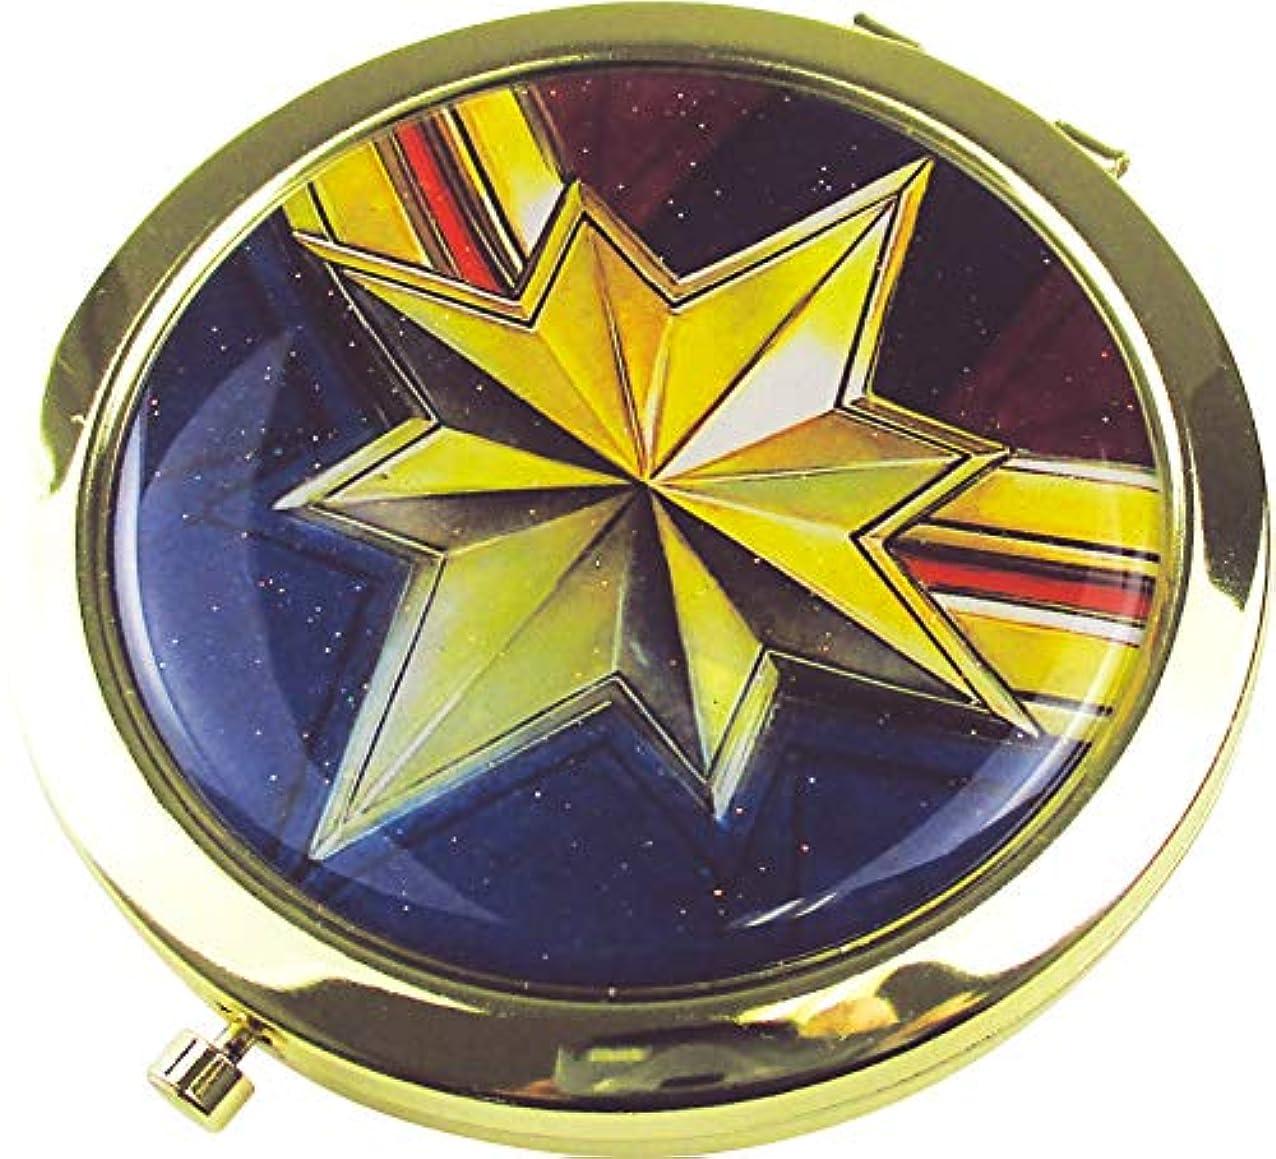 満了ブレークお客様ティーズファクトリー Wコンパクトミラー マーベル キャプテン?マーベル 6.6×6.6×0.8cm MV-5537086CM